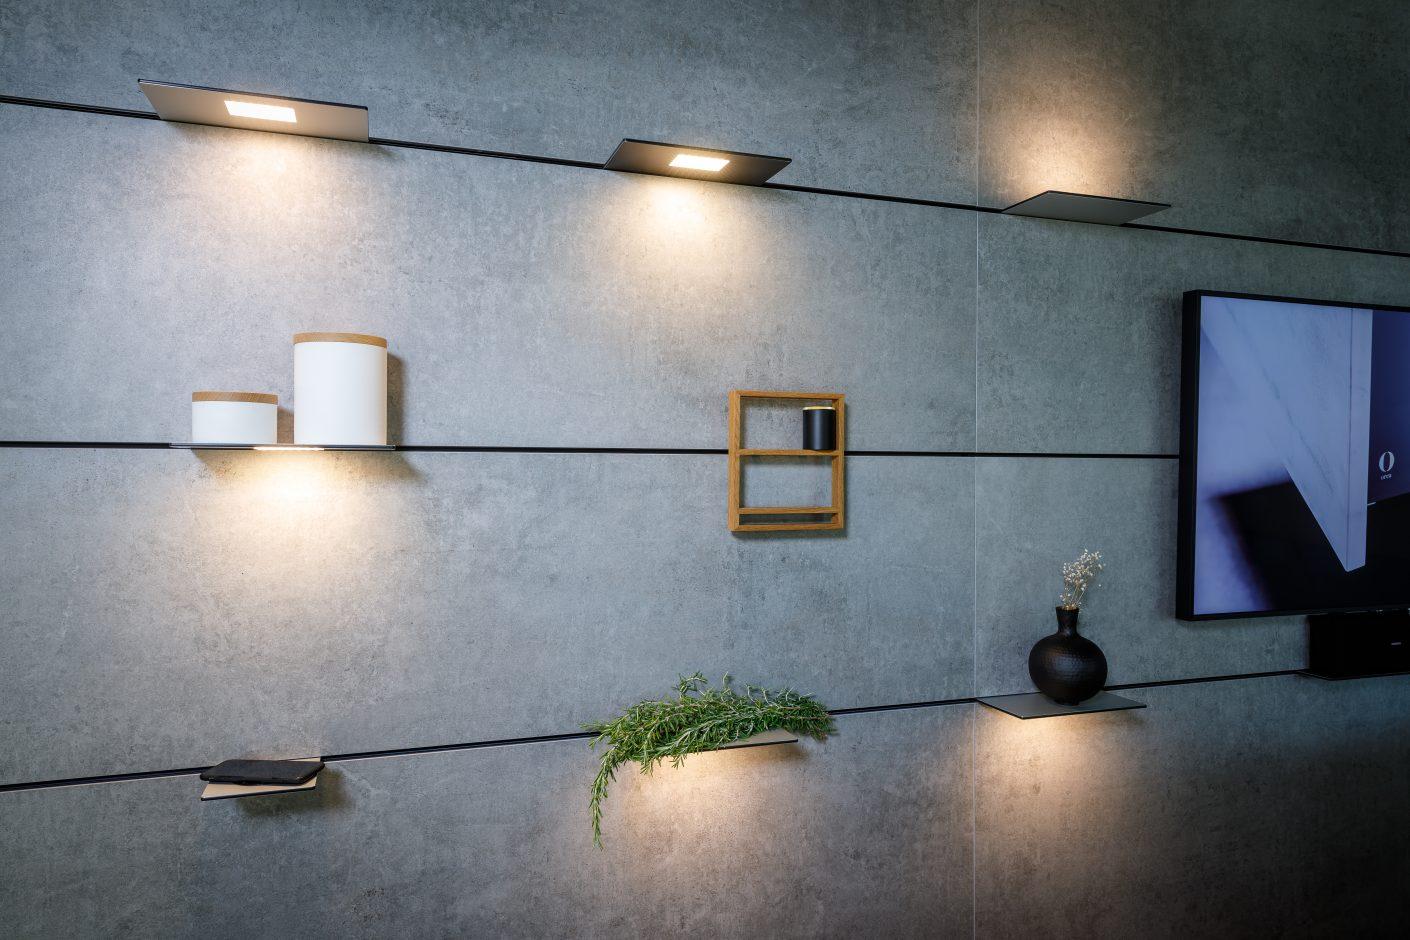 """Multifunktionswand """"The Wall"""" mit Dekton® Keon Oberfläche von Cosentino: Die Module zur Beleuchtung sowie die Steckborde für Accessoires oder zur induktiven Aufladung von Mobiltelefonen sind flexibel platzierbar. Quelle: Orea"""